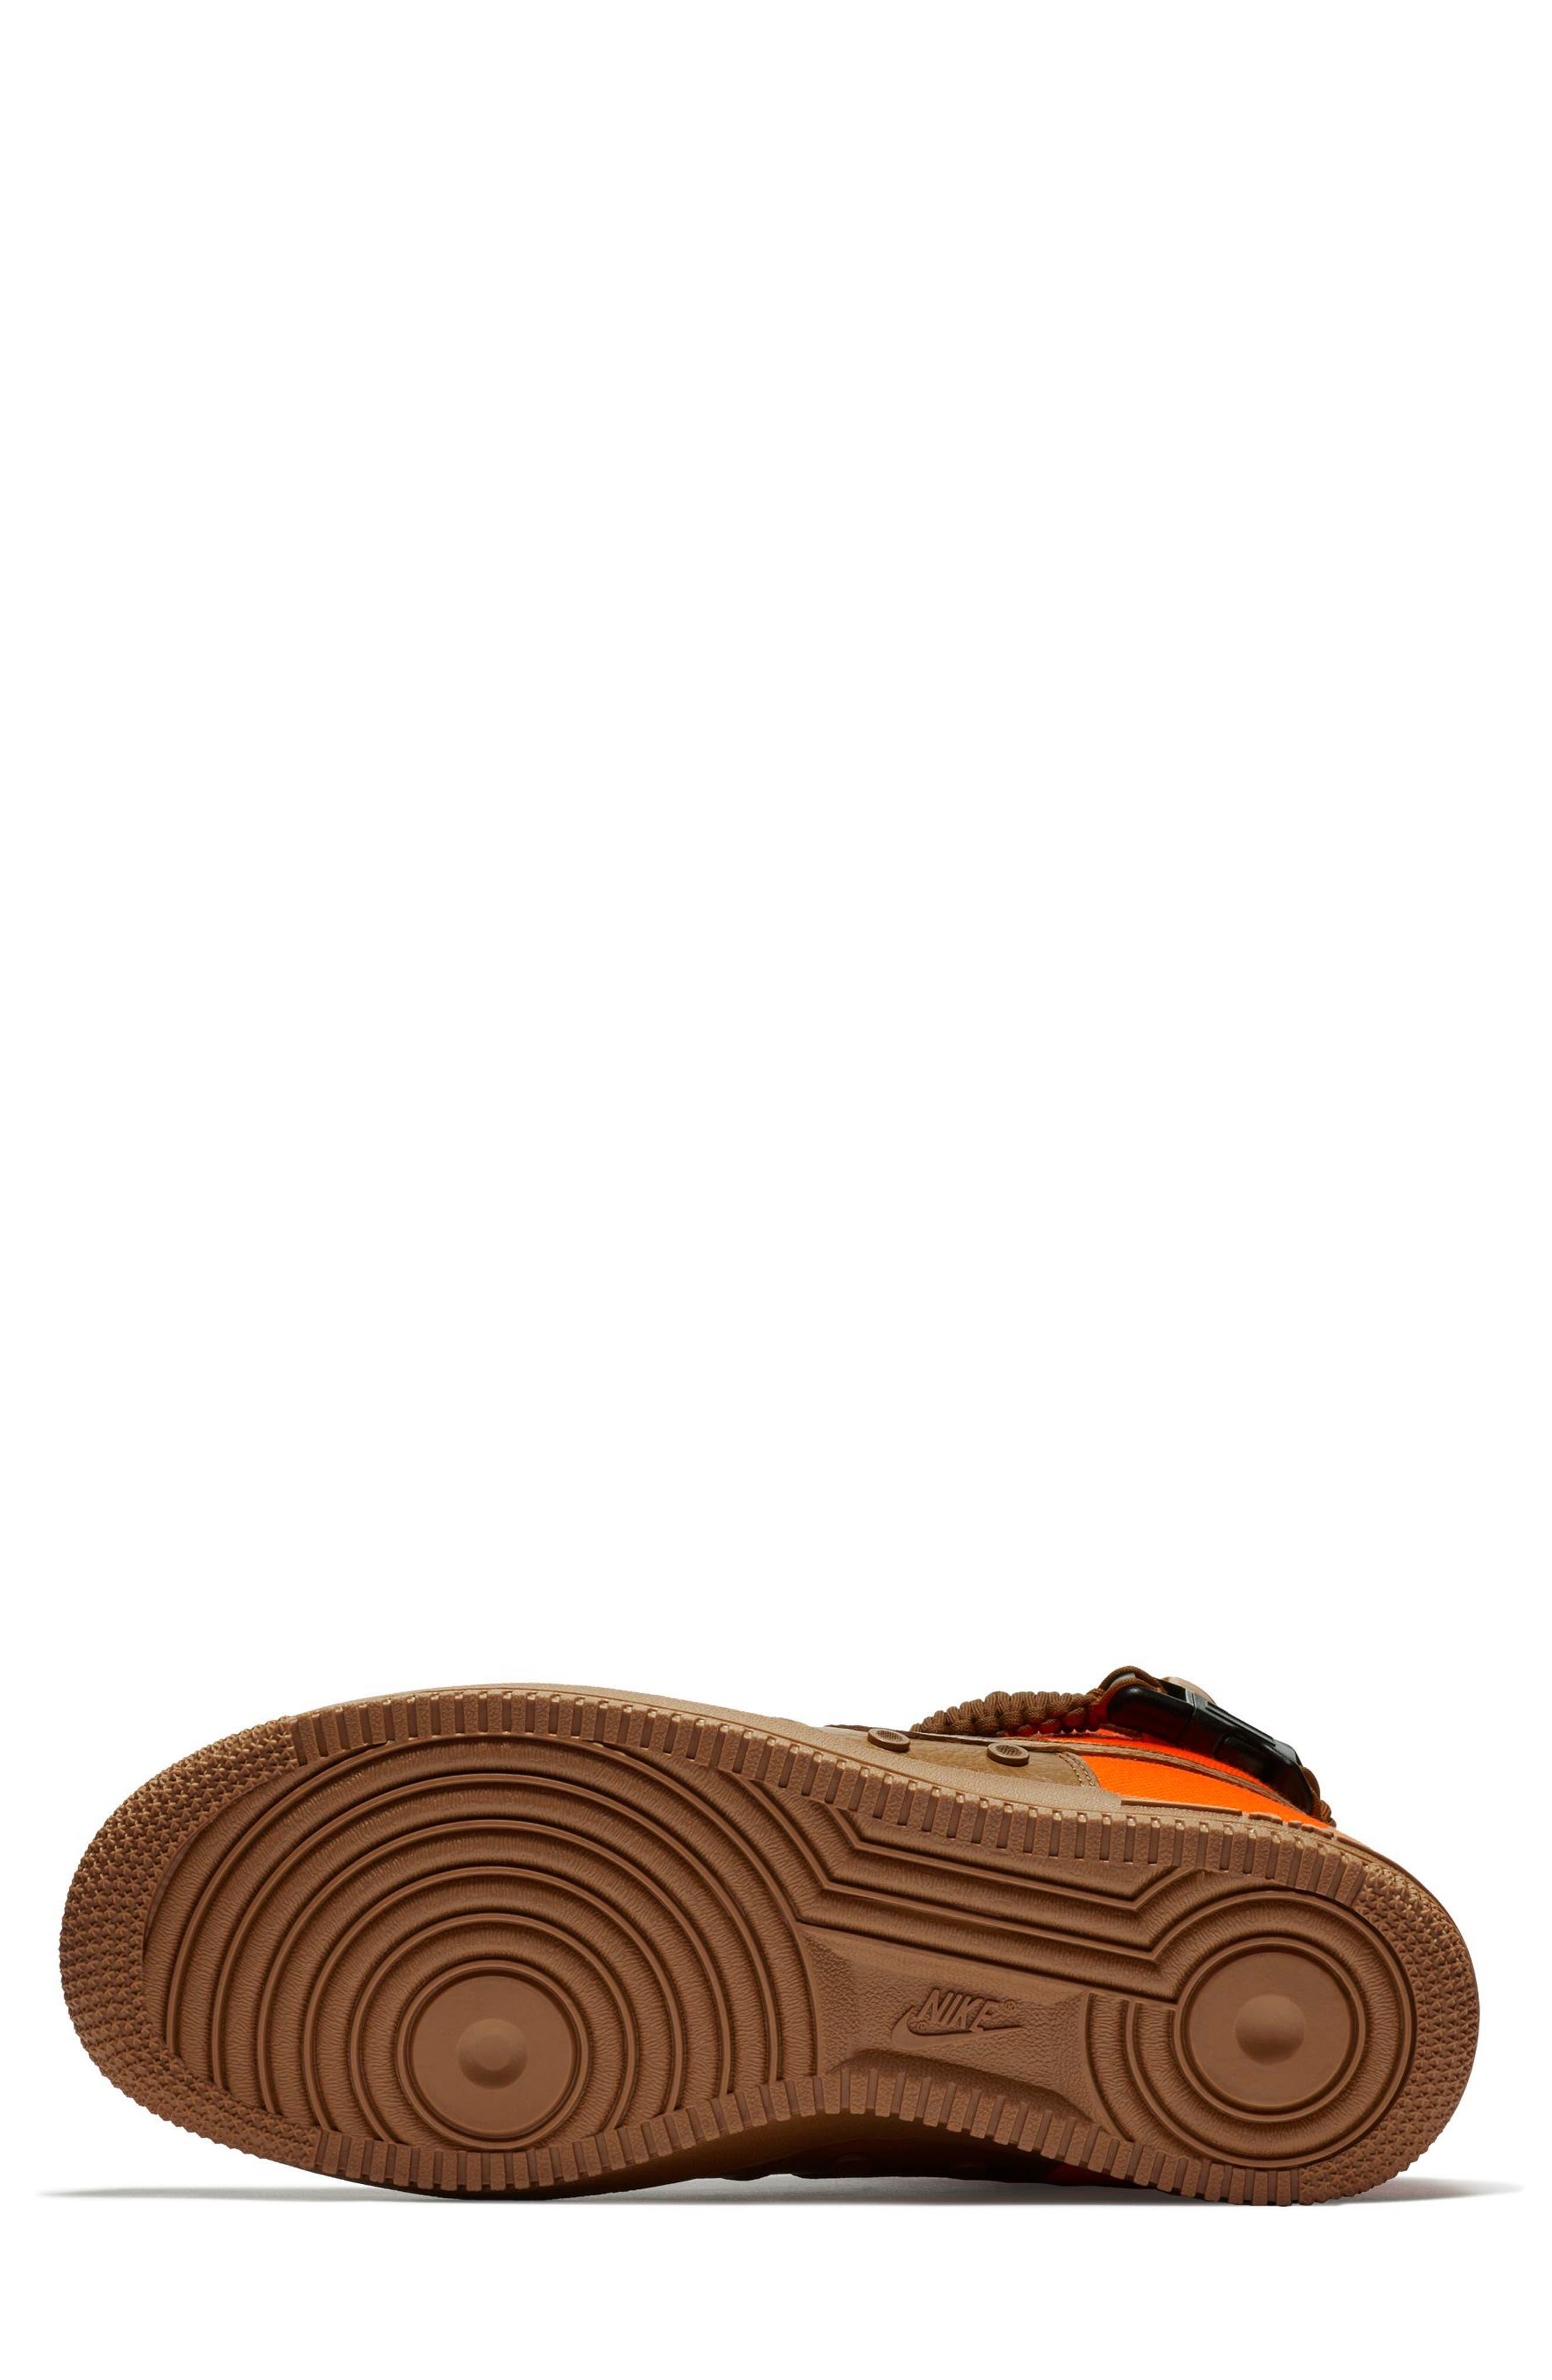 SF Air Force 1 QS High Top Sneaker,                             Alternate thumbnail 5, color,                             200